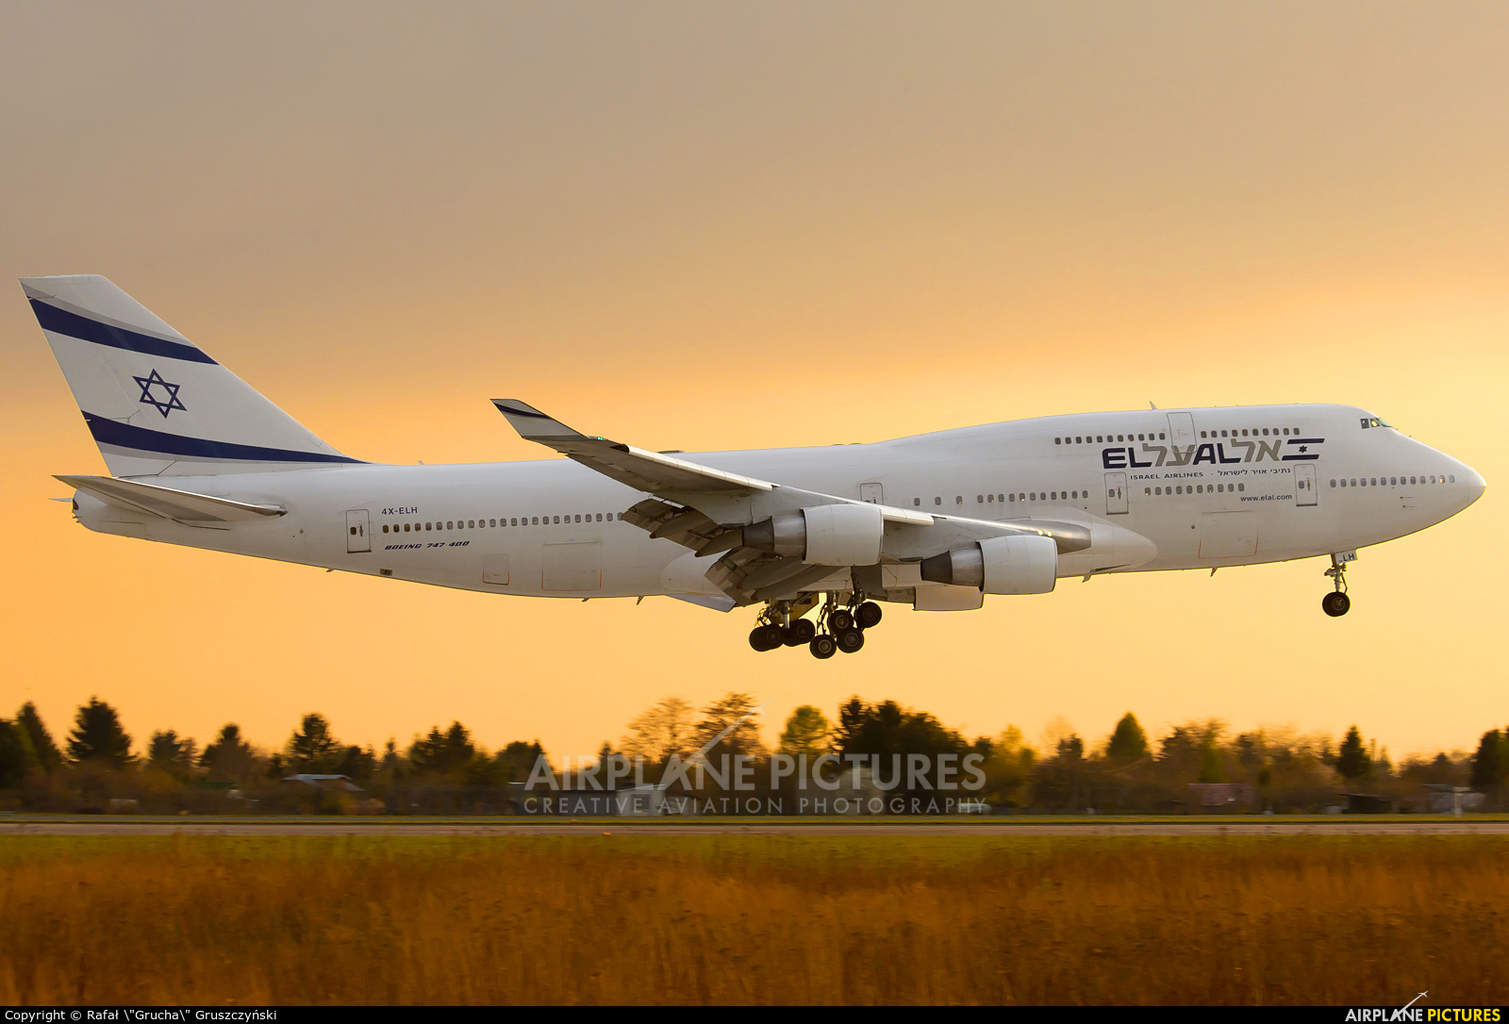 El-Al Israel Airlines sued over discriminating policy